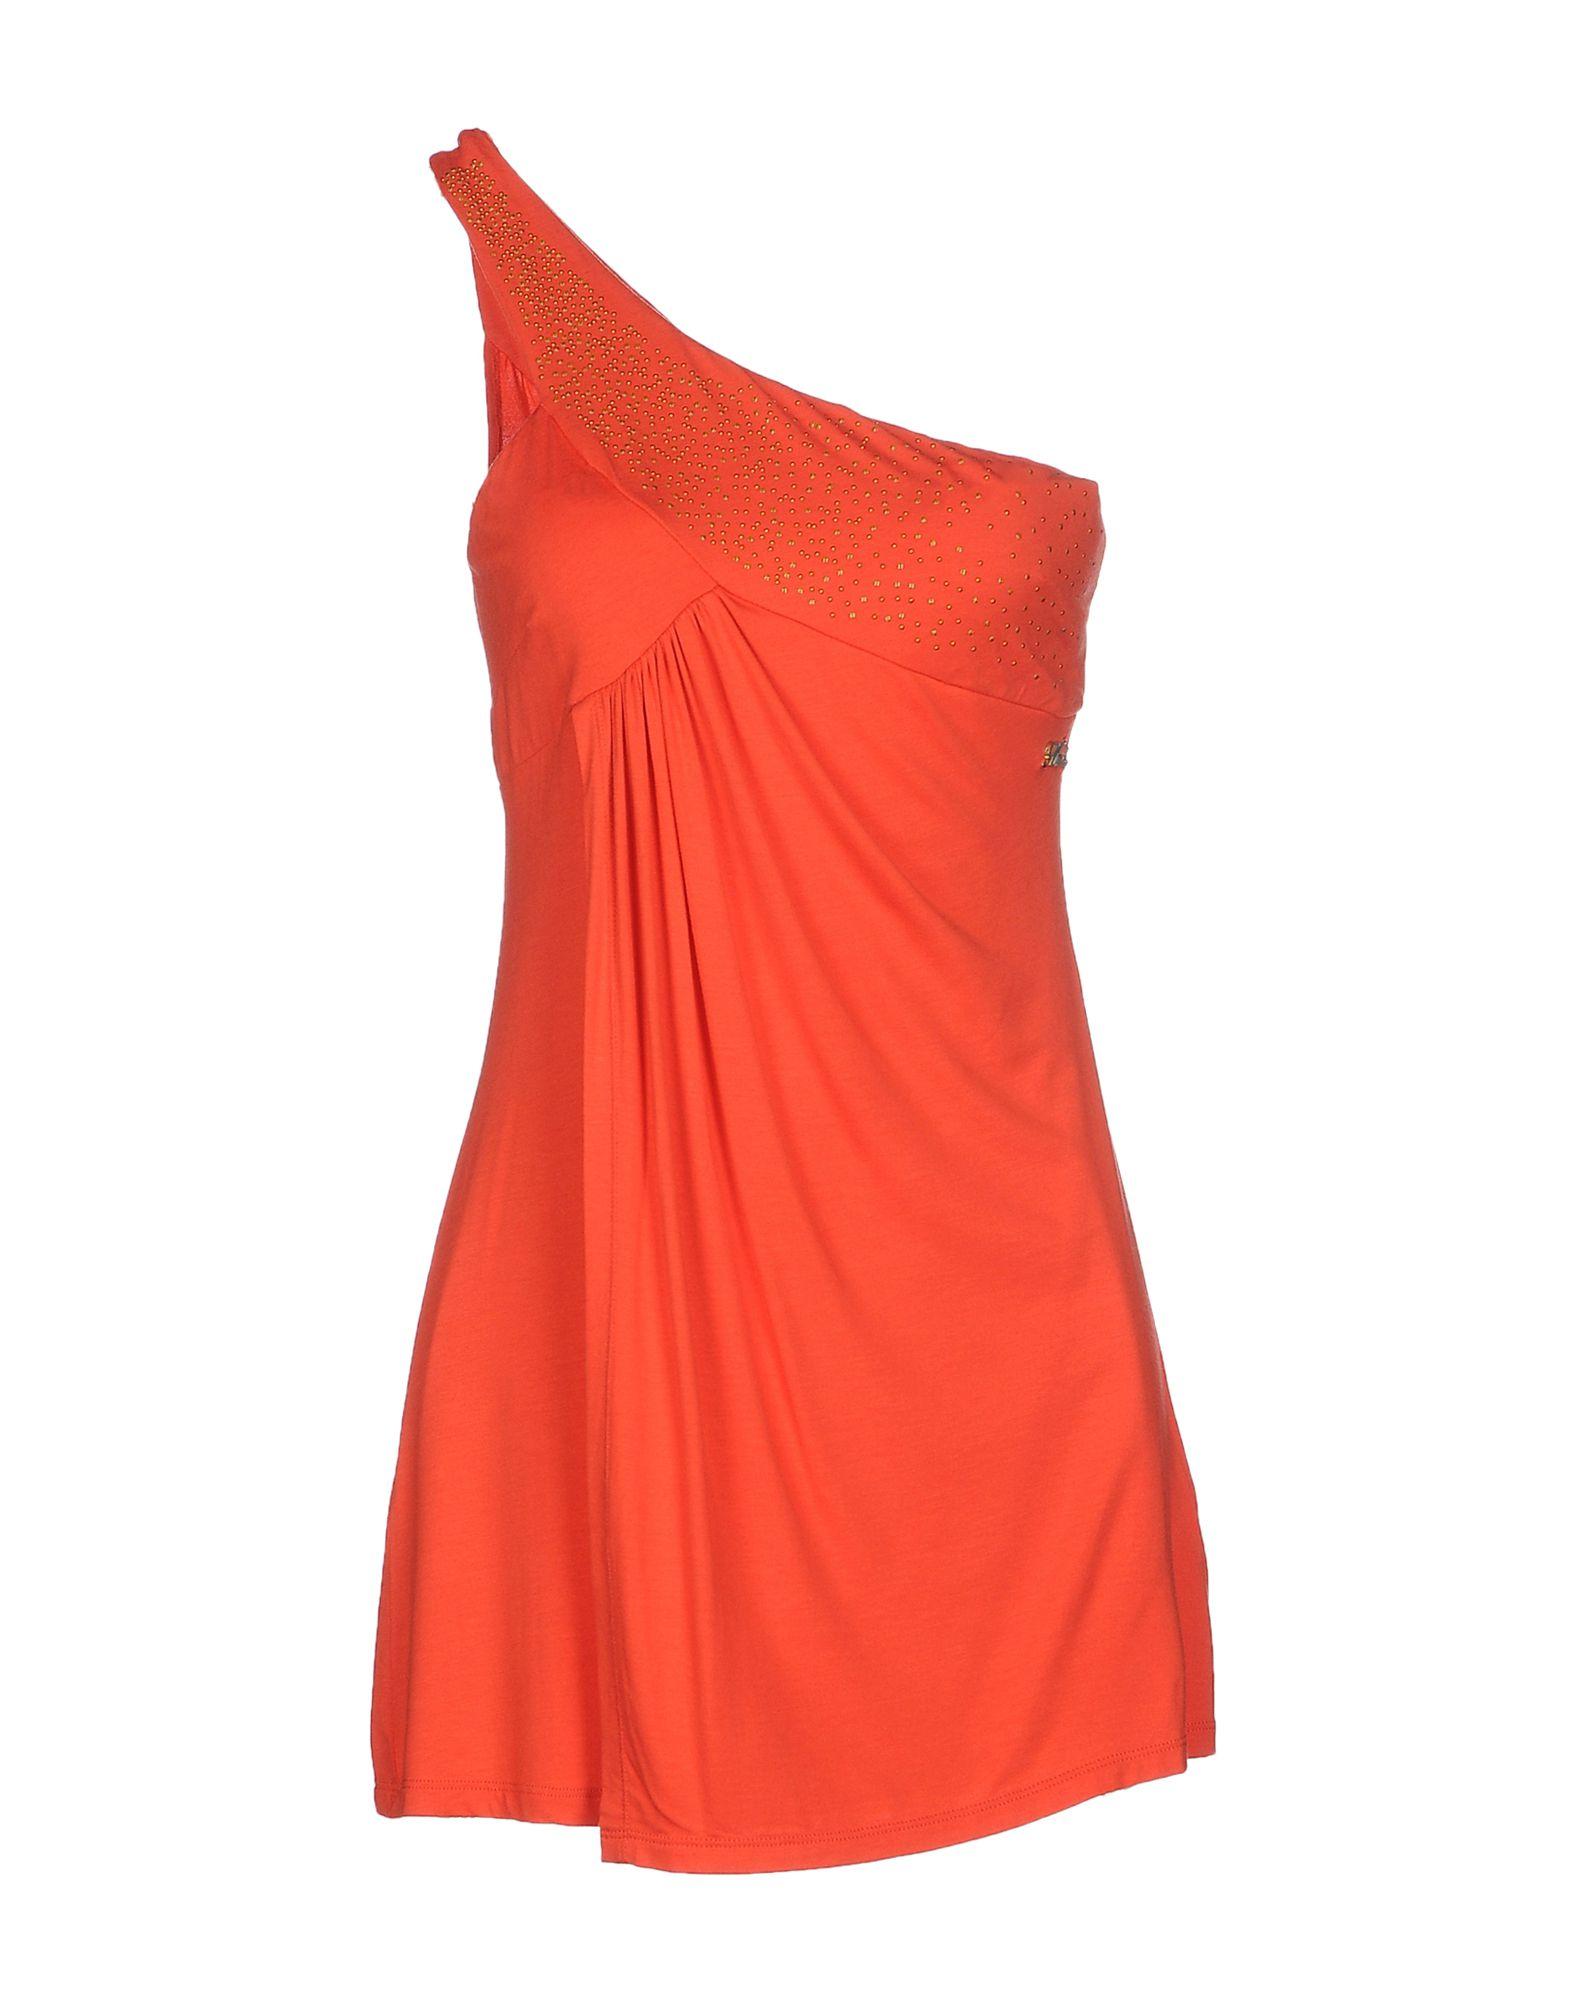 MET MIAMI COCKTAIL Damen Kurzes Kleid Farbe Rot Größe 5